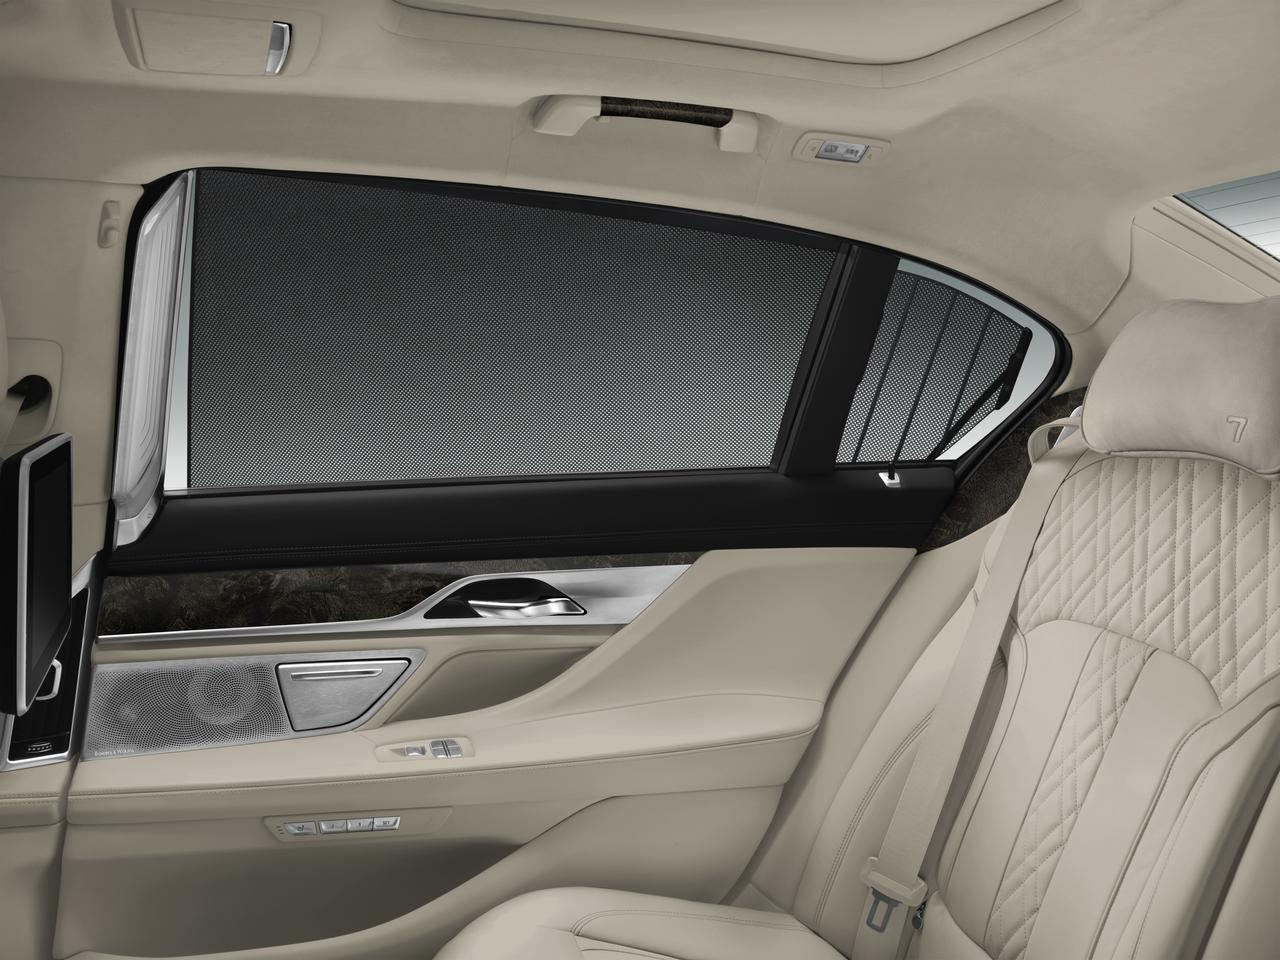 BMW-Serie-7-abitacolo-cockpit-prezzo-price-0-100_15